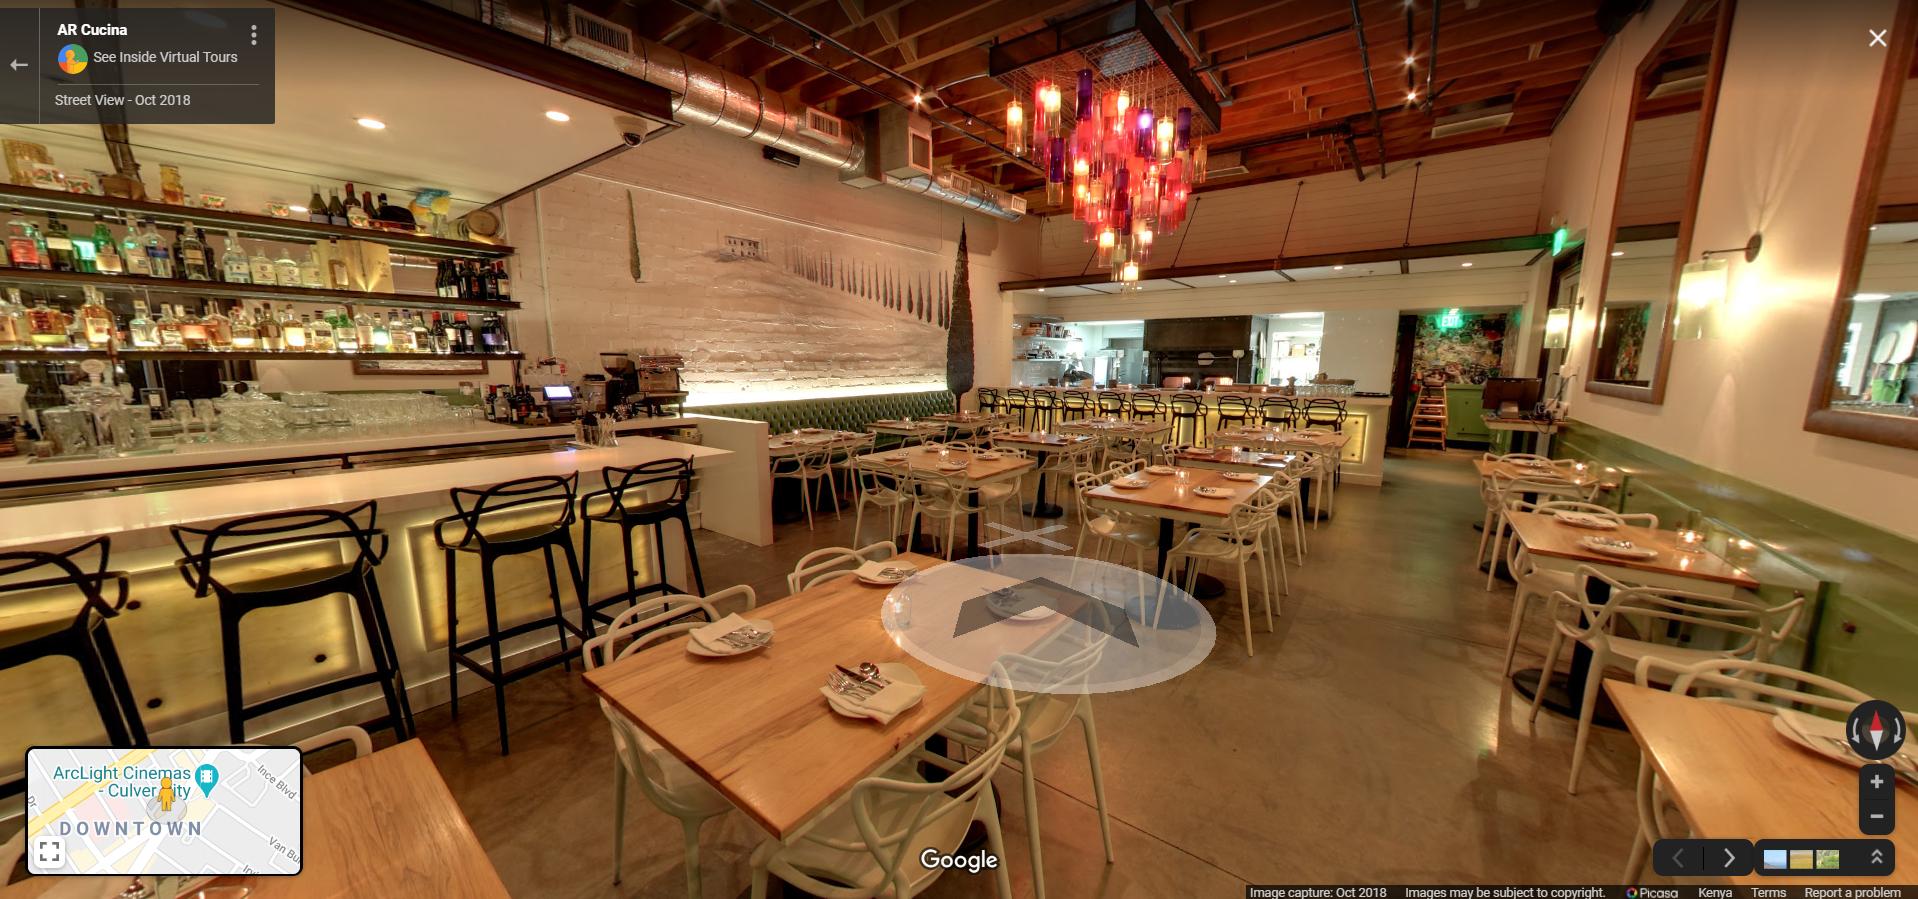 AR Cucina  Culver City